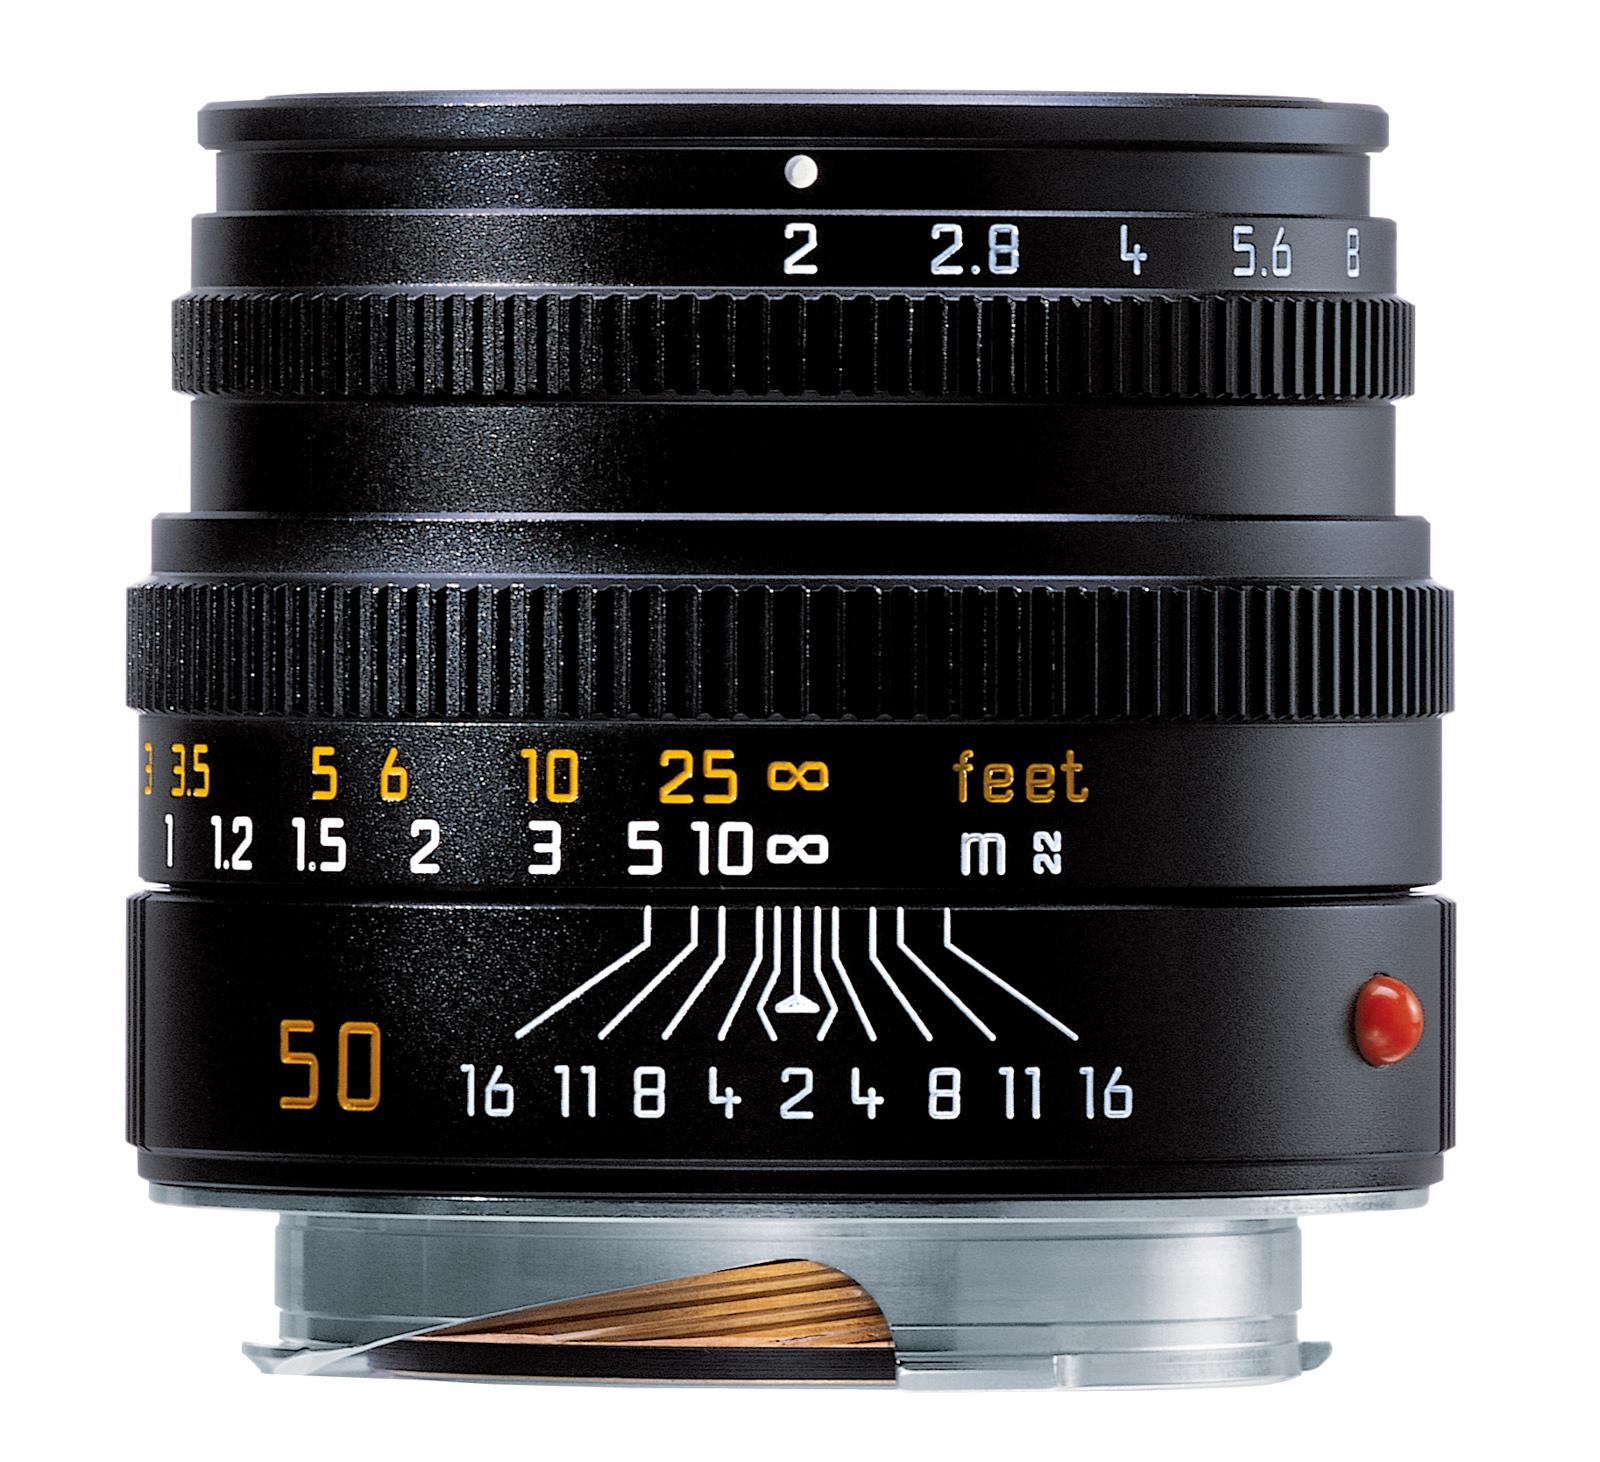 Leica Summicron-M 1:2.0/50